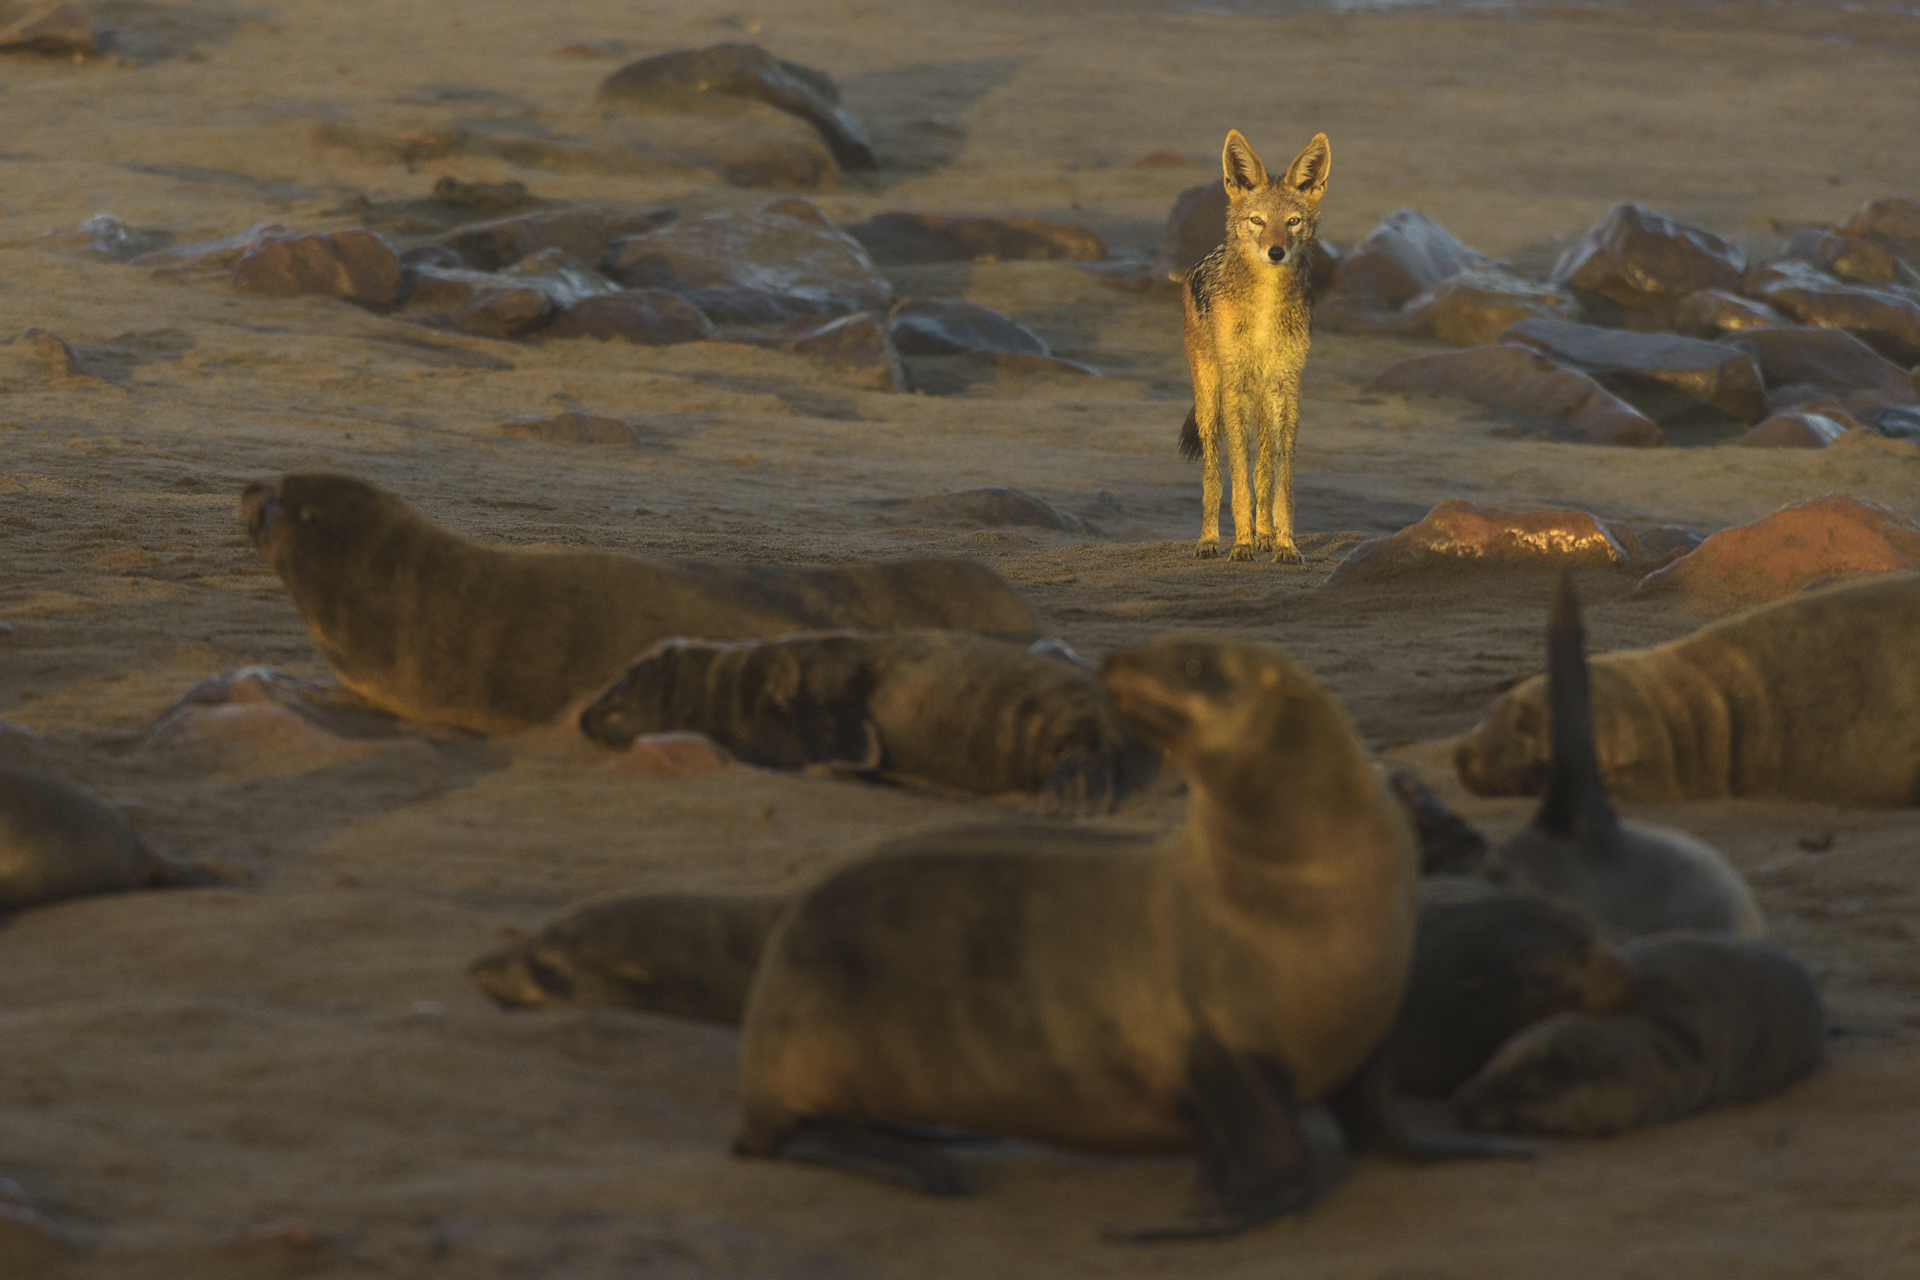 Uno sciacallo della gualdrappa cerca cibo nella colonia di otarie. Black-backed jackal (Canis mesomelas) at dawn looking for something to scavenge into the Cape fur seals colony of Cape Cross in Namibia.